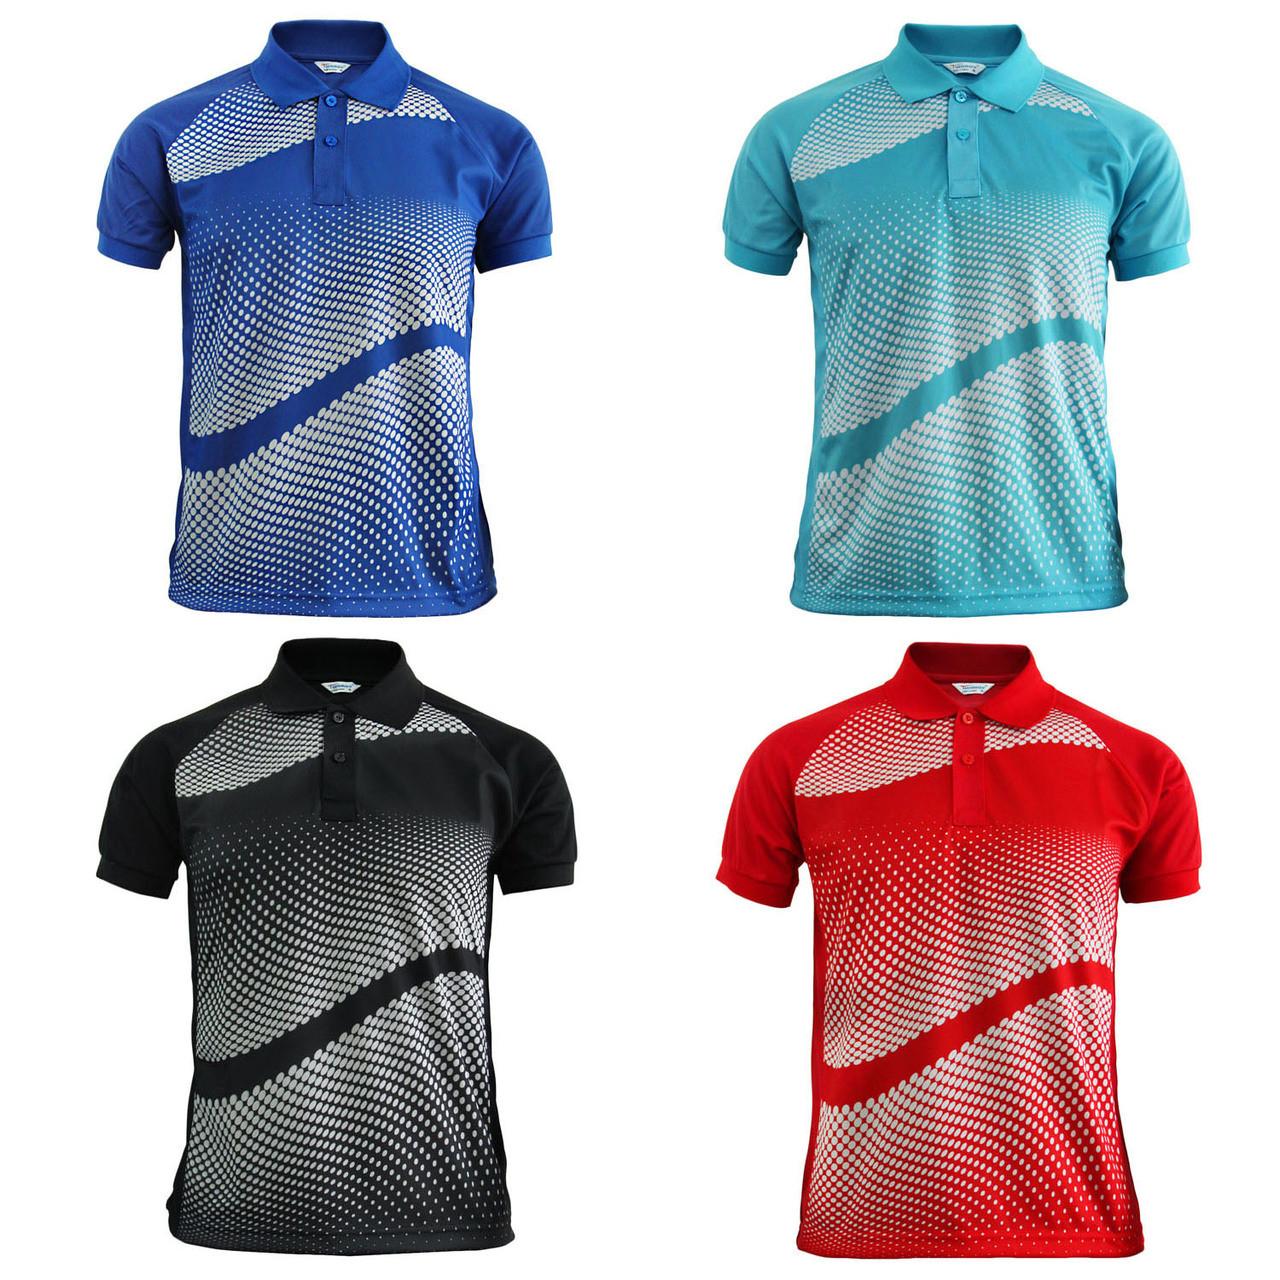 28759656 Graphics Design Polo Shirt Sky blue Golfwear Short Sleeve Summer Shirt